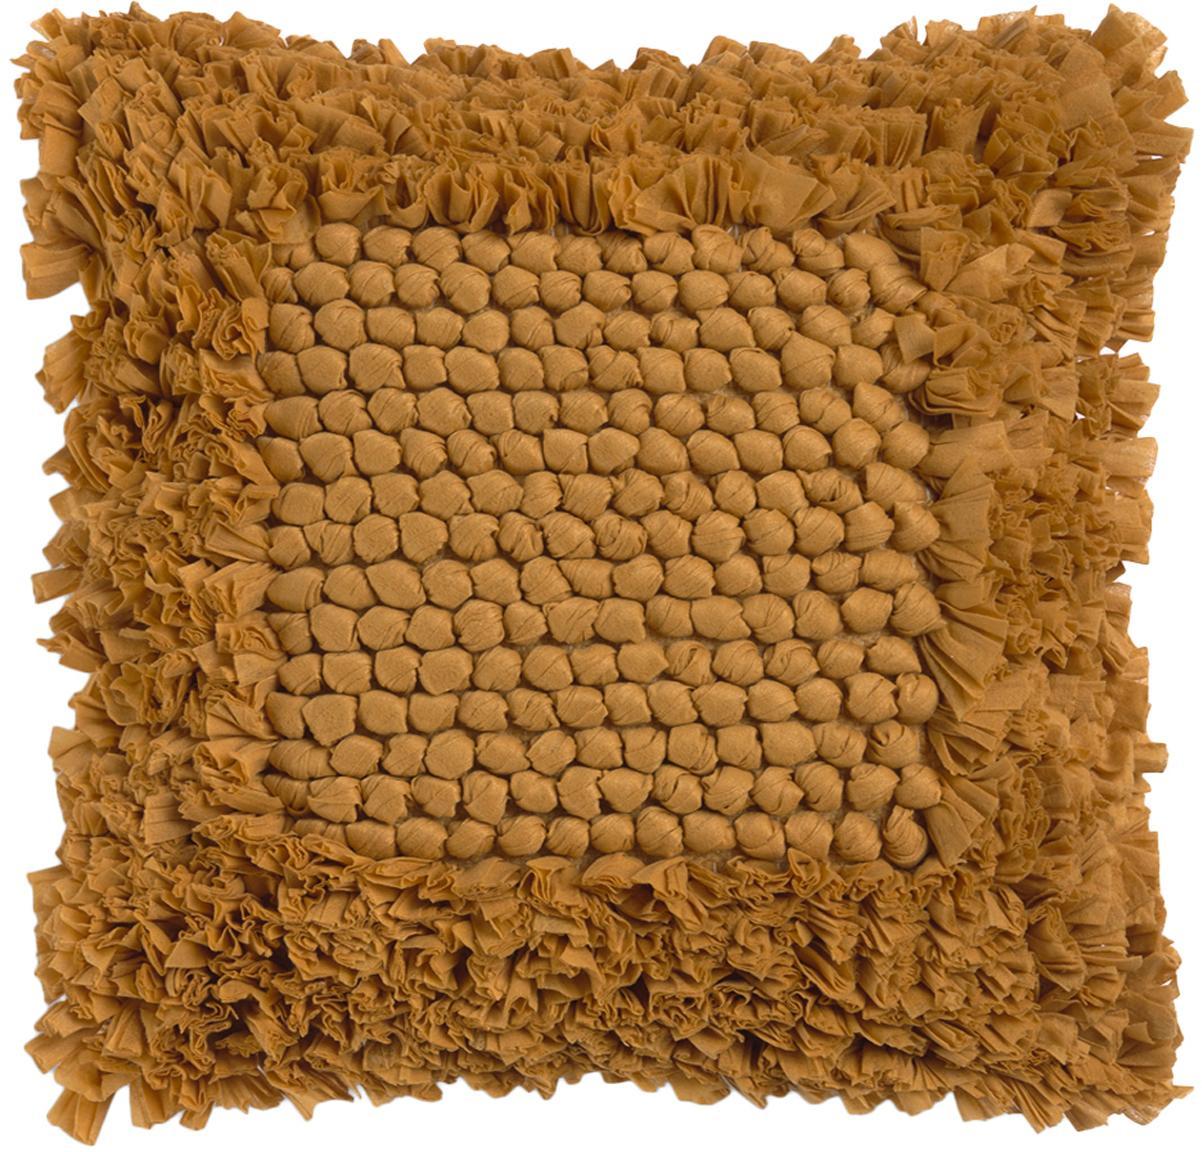 Kissenhülle Aqia mit strukturierter Oberfläche, 50% Baumwolle, 50% Polyester, Senfgelb, 45 x 45 cm